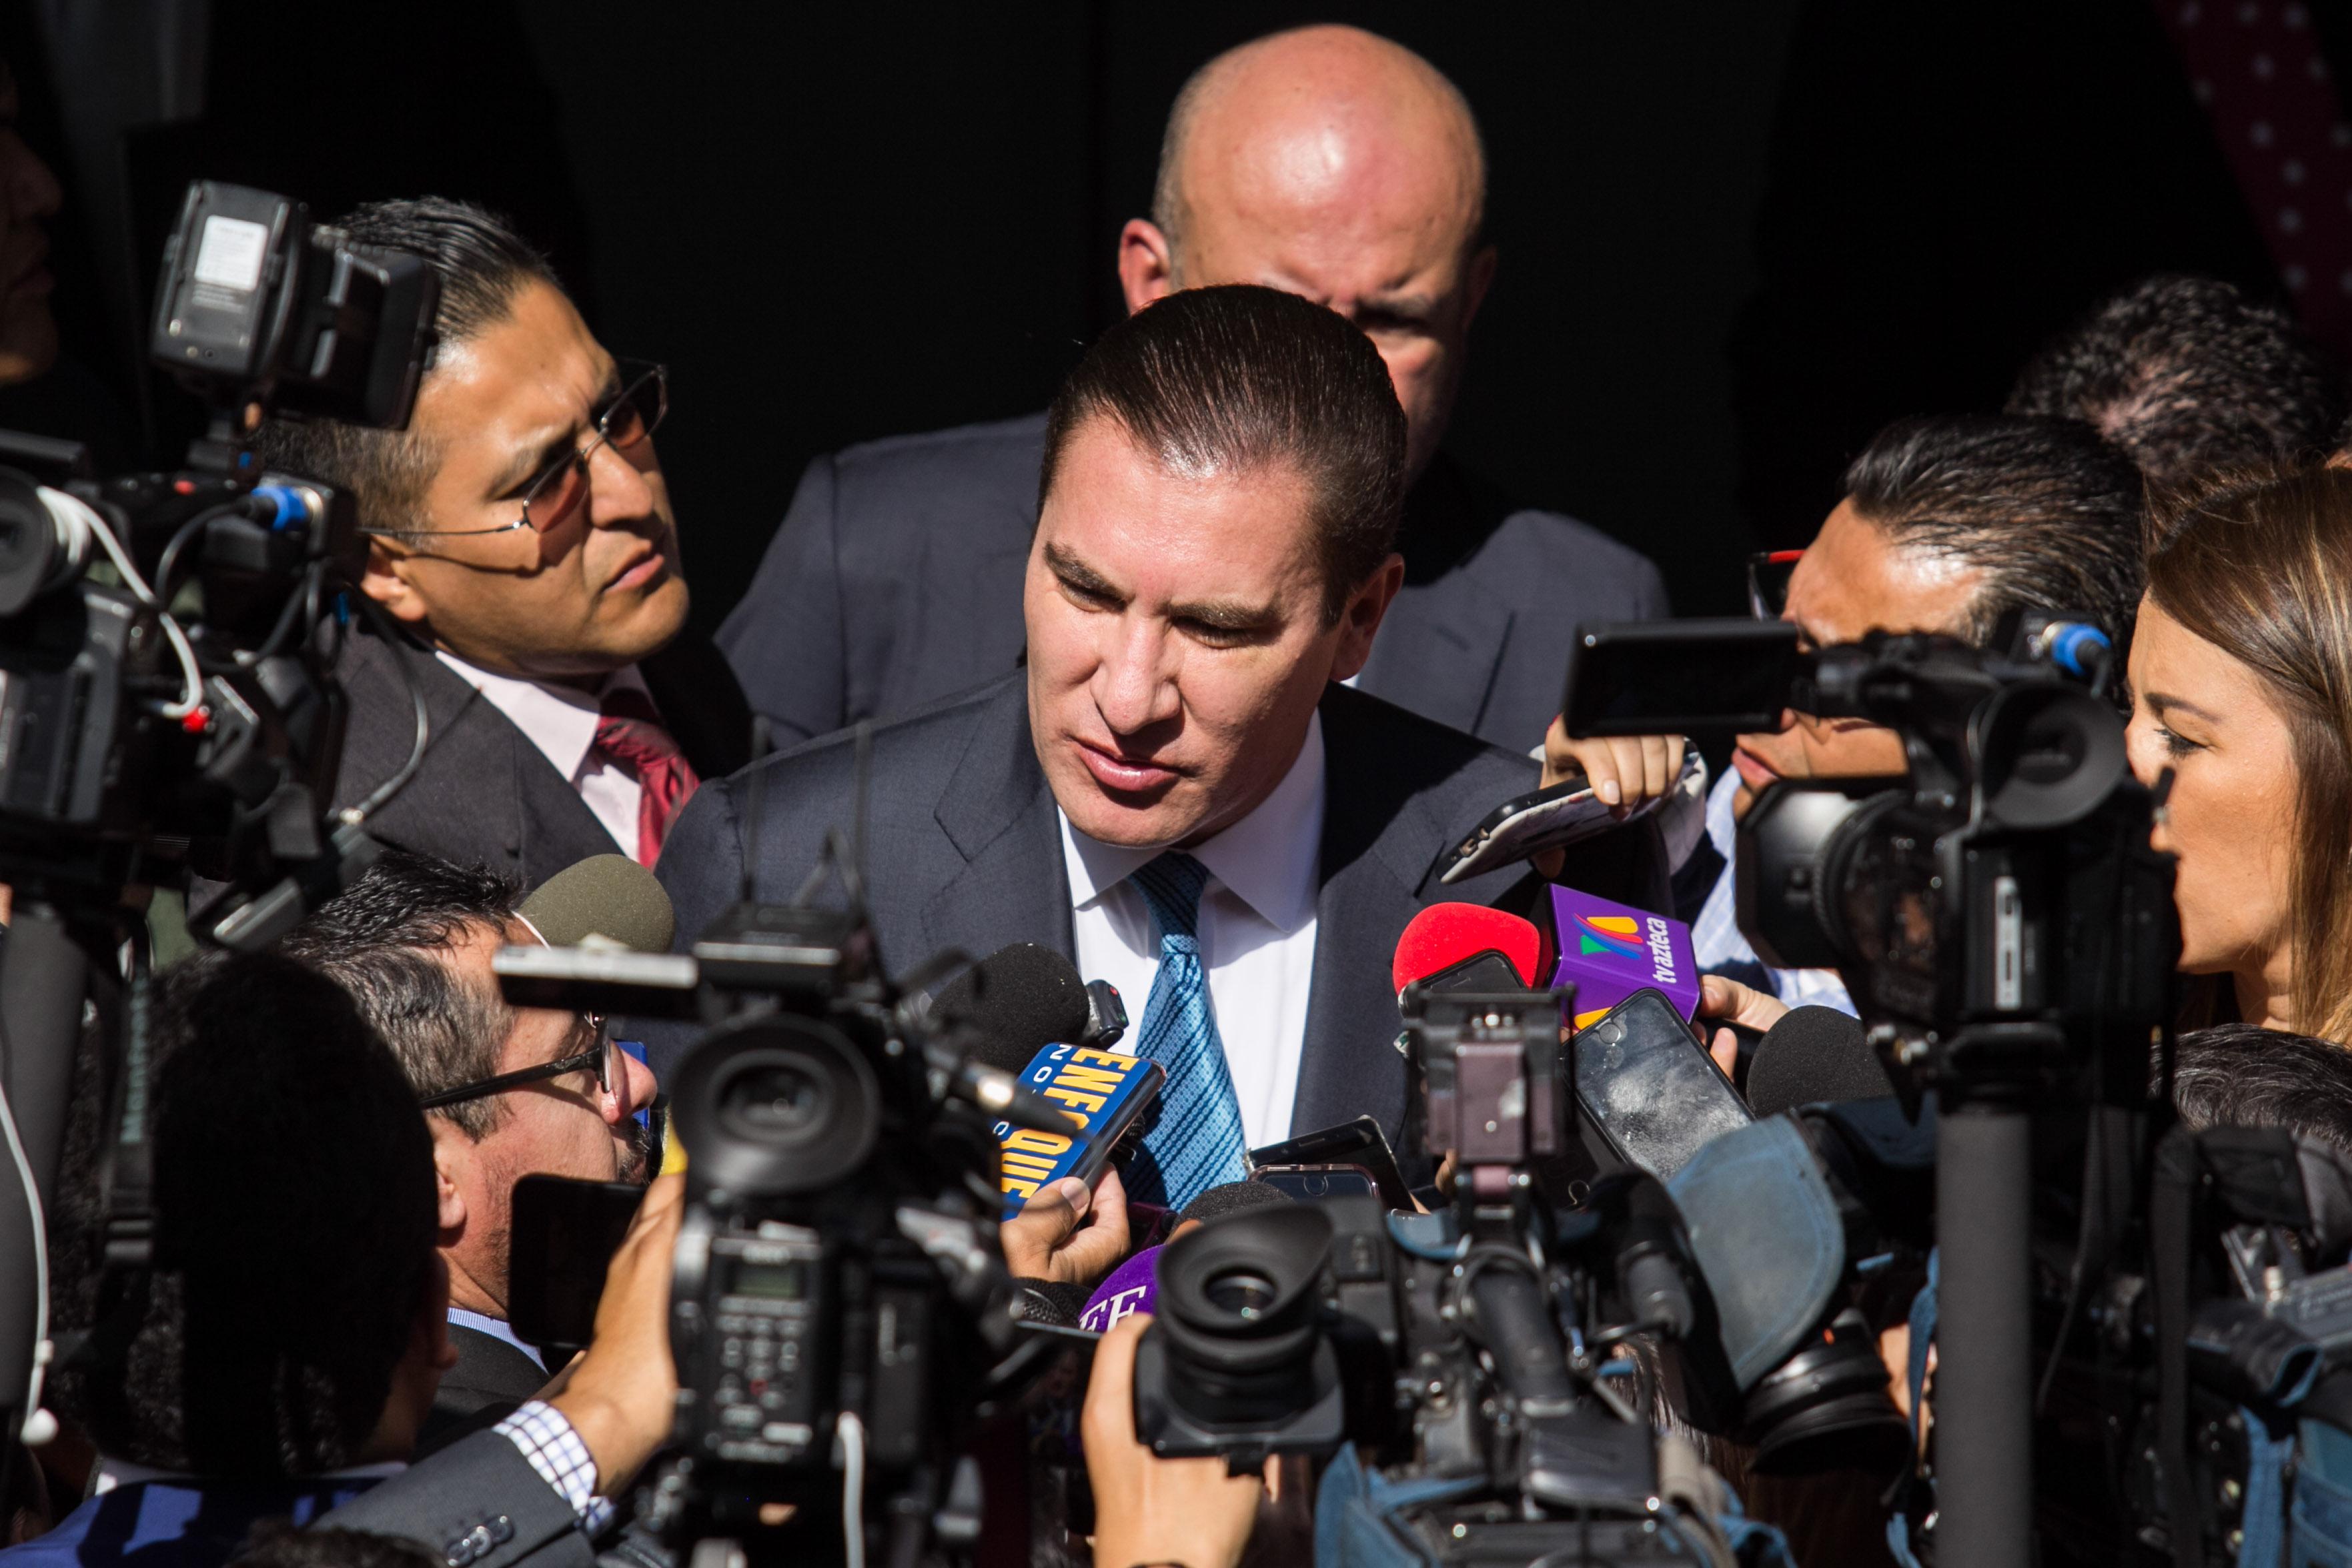 Moreno Valle era una de las cartas fuertes de la oposición rumbo a 2024, su ausencia deja vacíos en distintos partidos y ahonda la crisis en otros como en el PRD